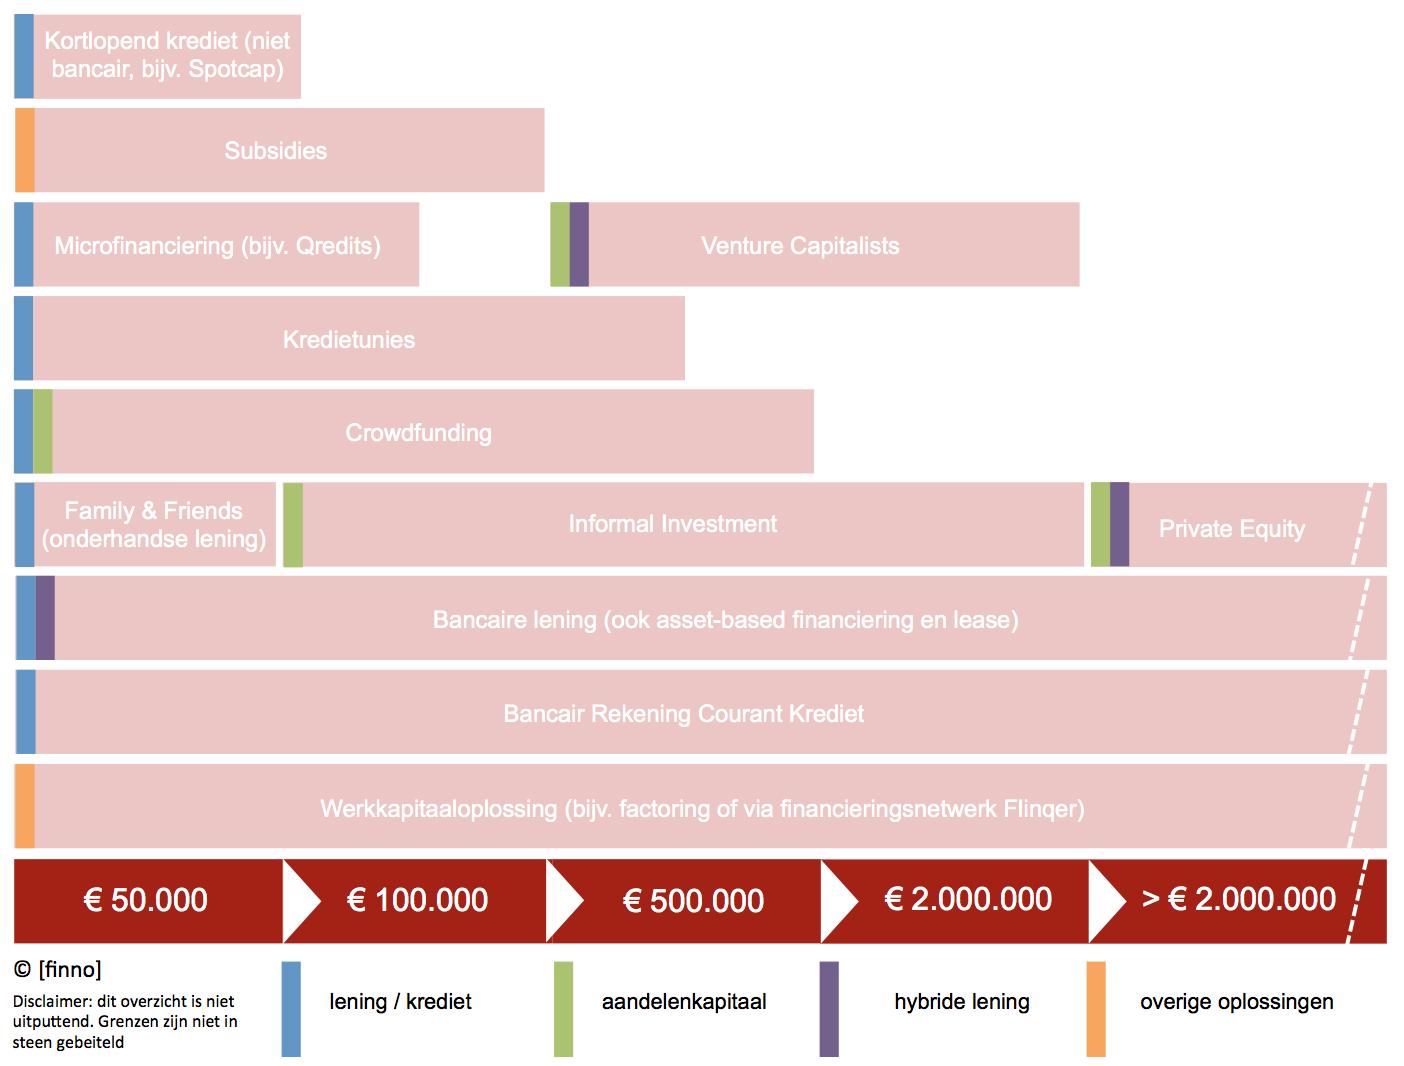 20150302-Financieringsmix-kredieten-ondernemingen-finno